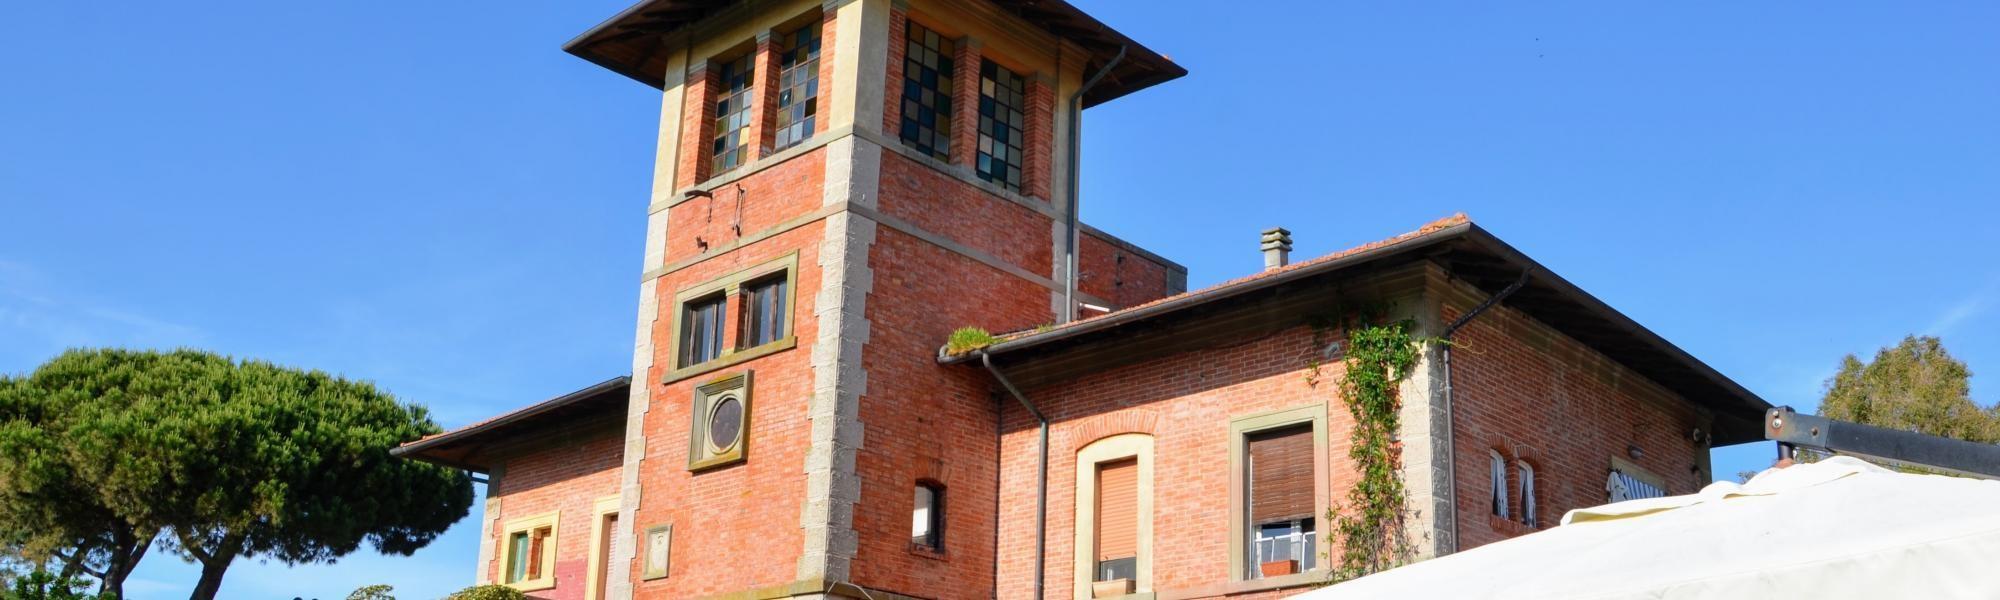 Vecchia stazione elettrica Tirrenia (R. Cardini)